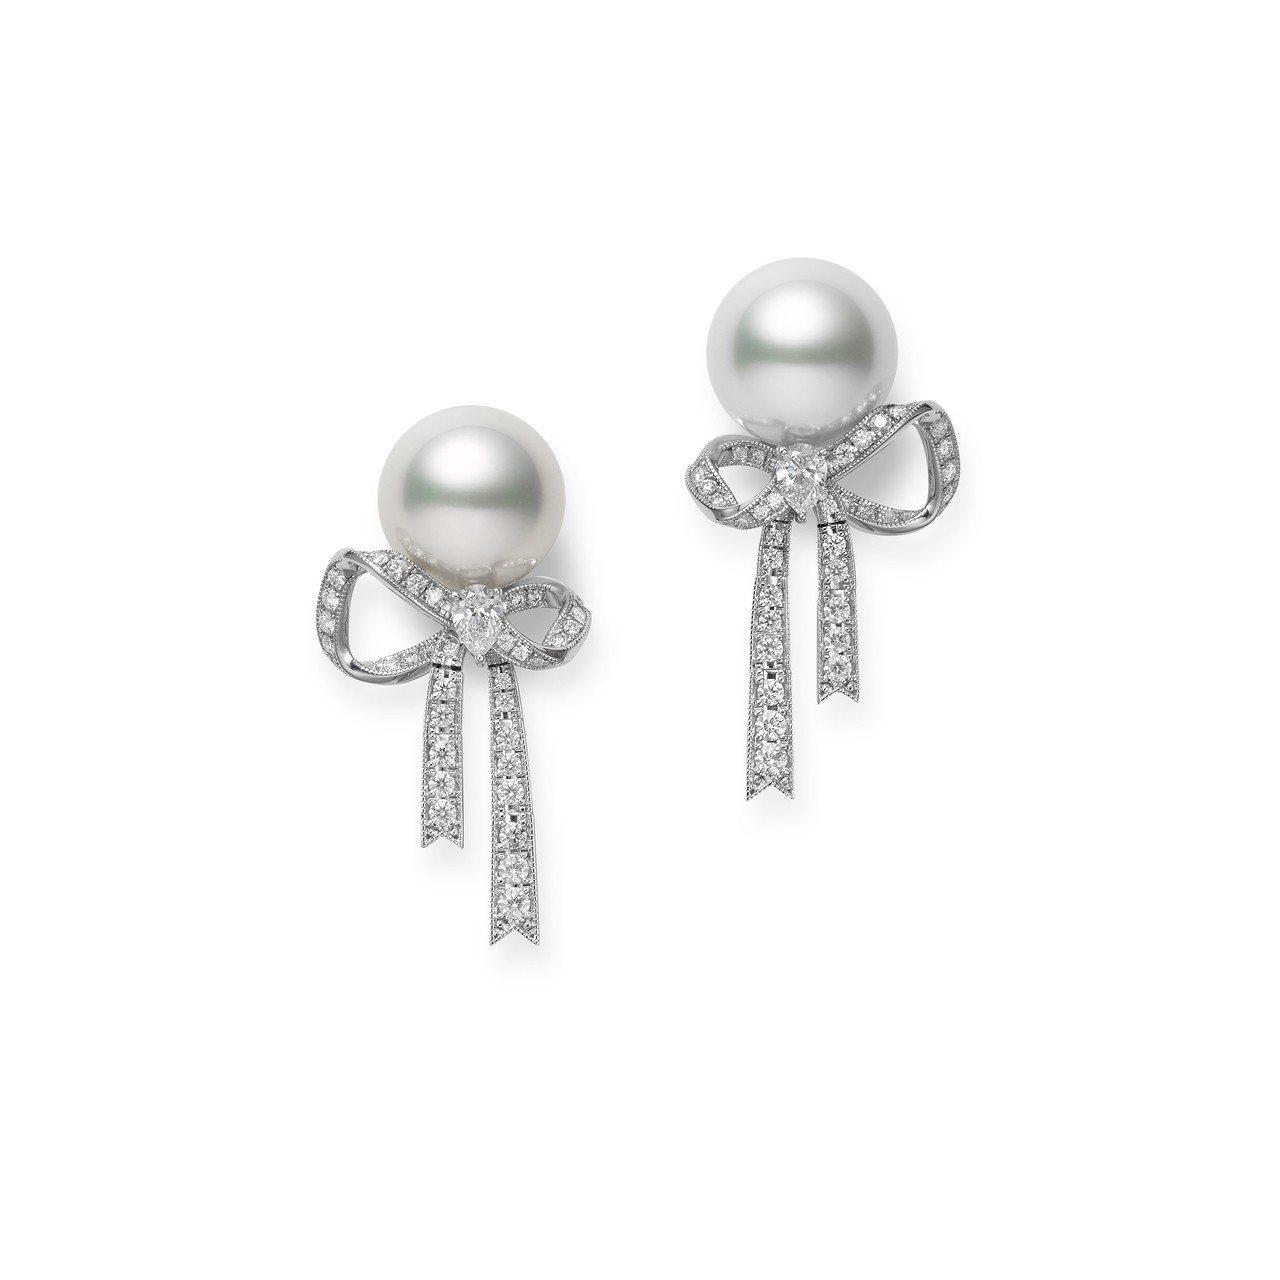 MIKIMOTO Jeux de Rubans 頂級珠寶系列南洋珍珠鑽石蝴蝶結耳...